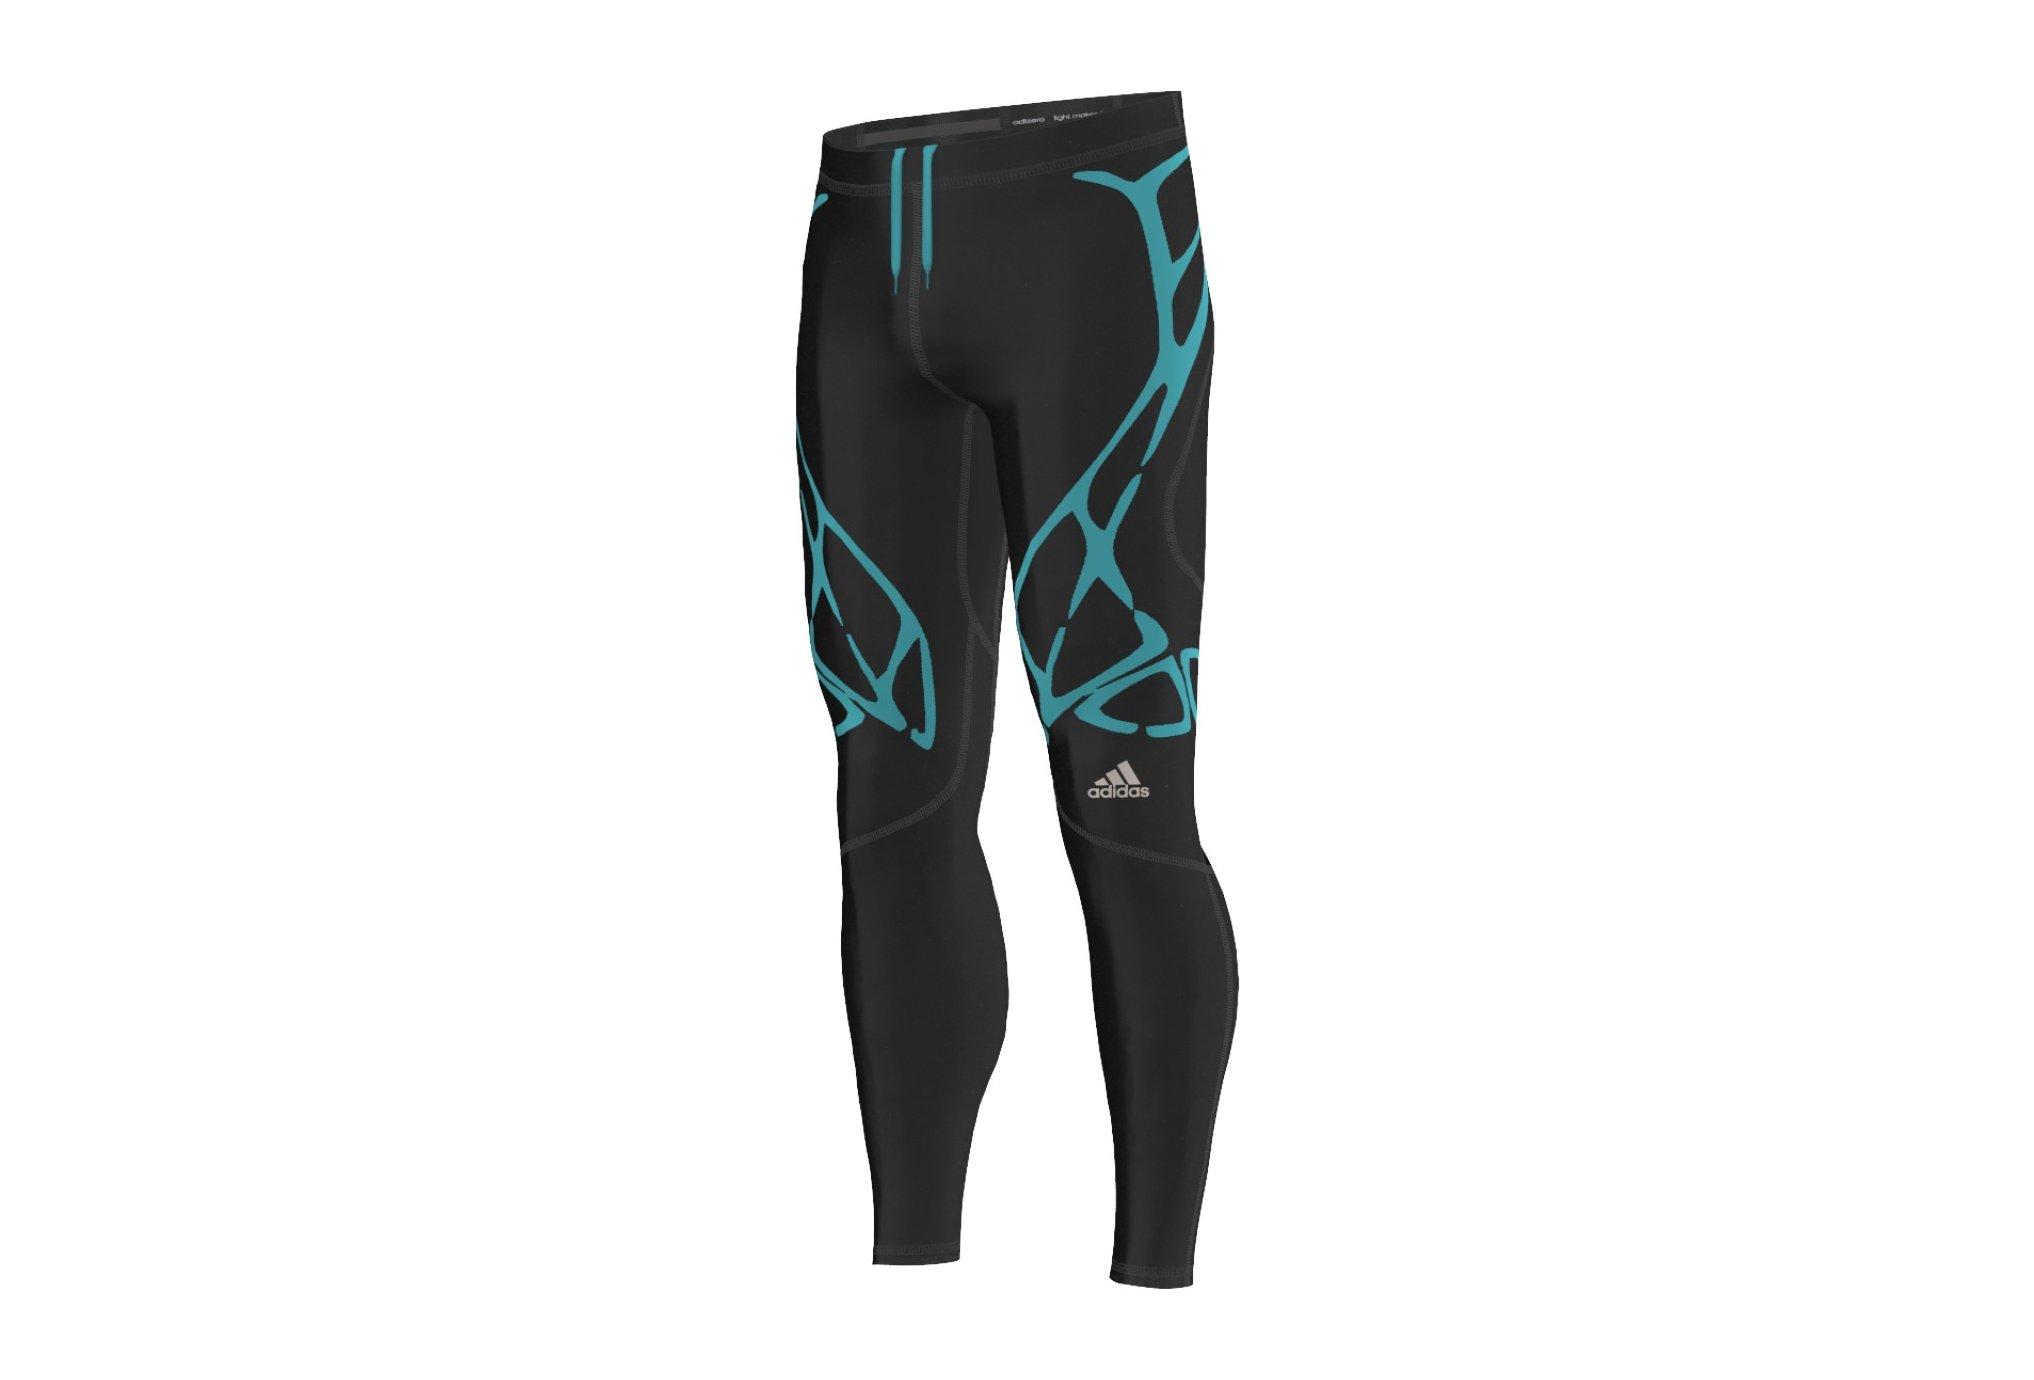 Adidas Collant adizero sprint web m diététique vêtements homme